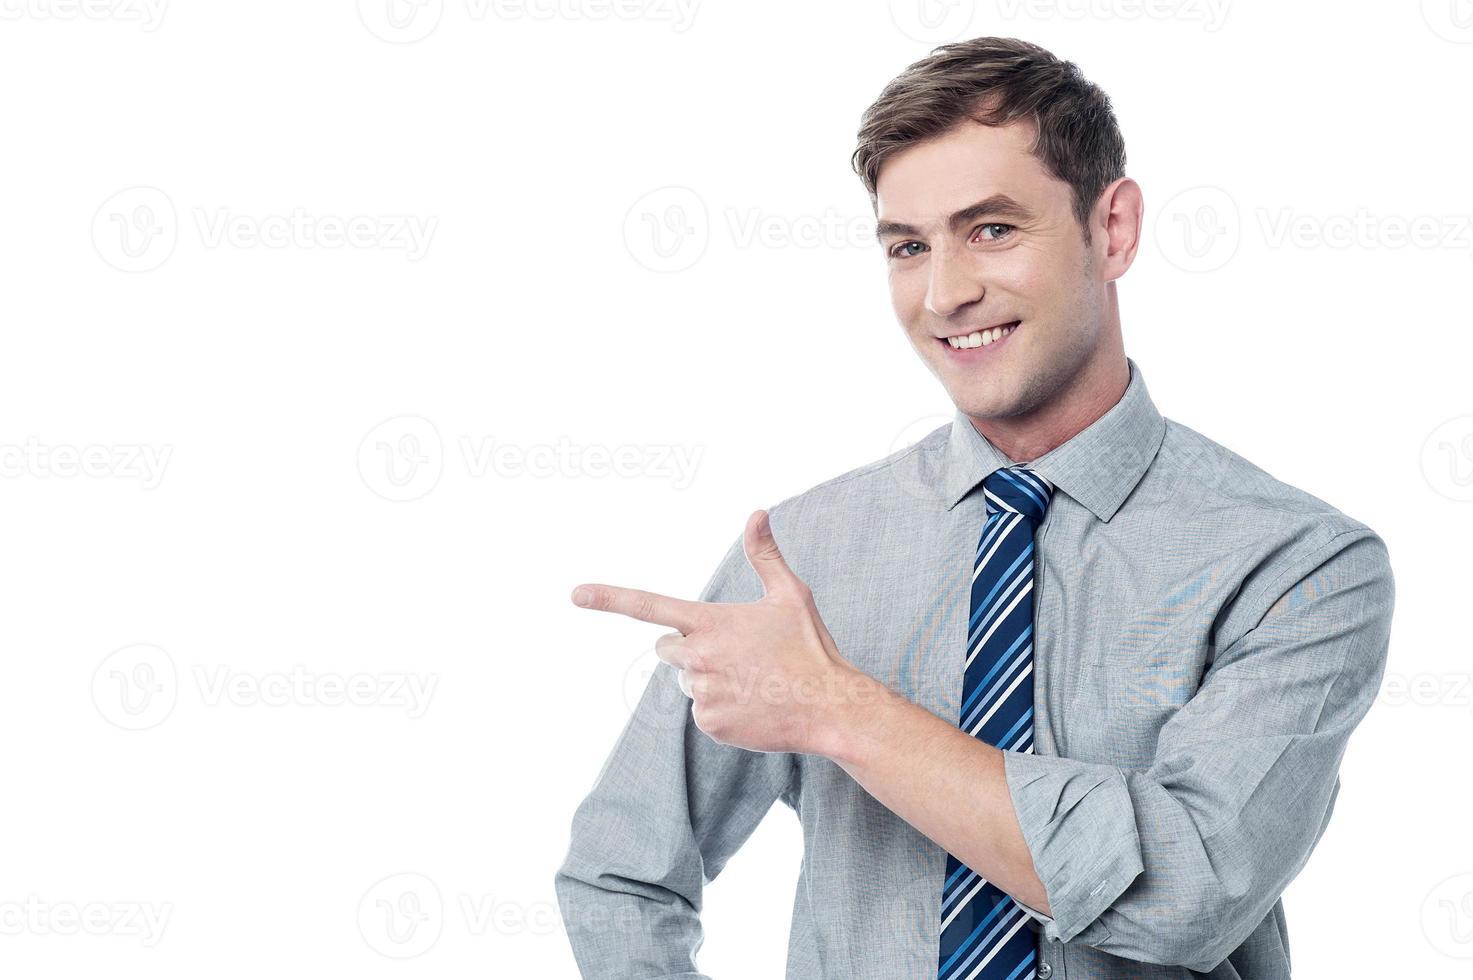 vrolijke jonge man wijzend op iets foto